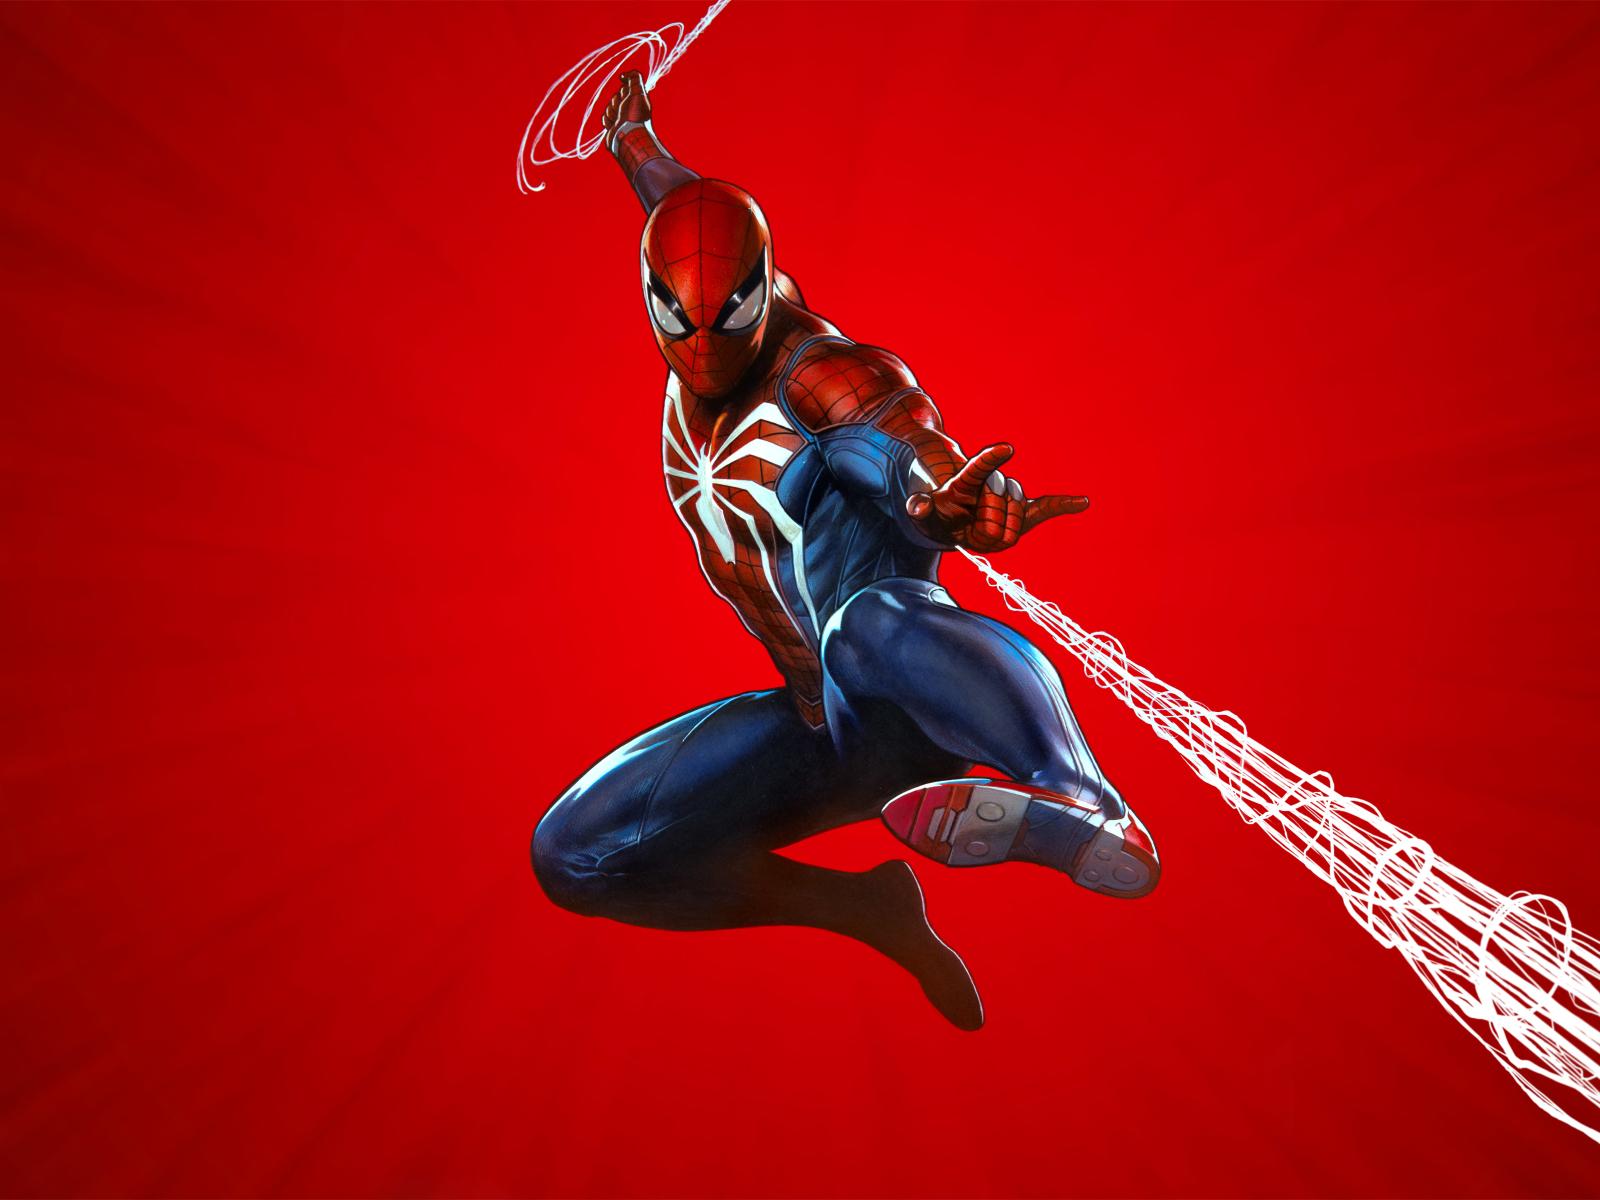 Spider-man Ps4, Full HD Wallpaper